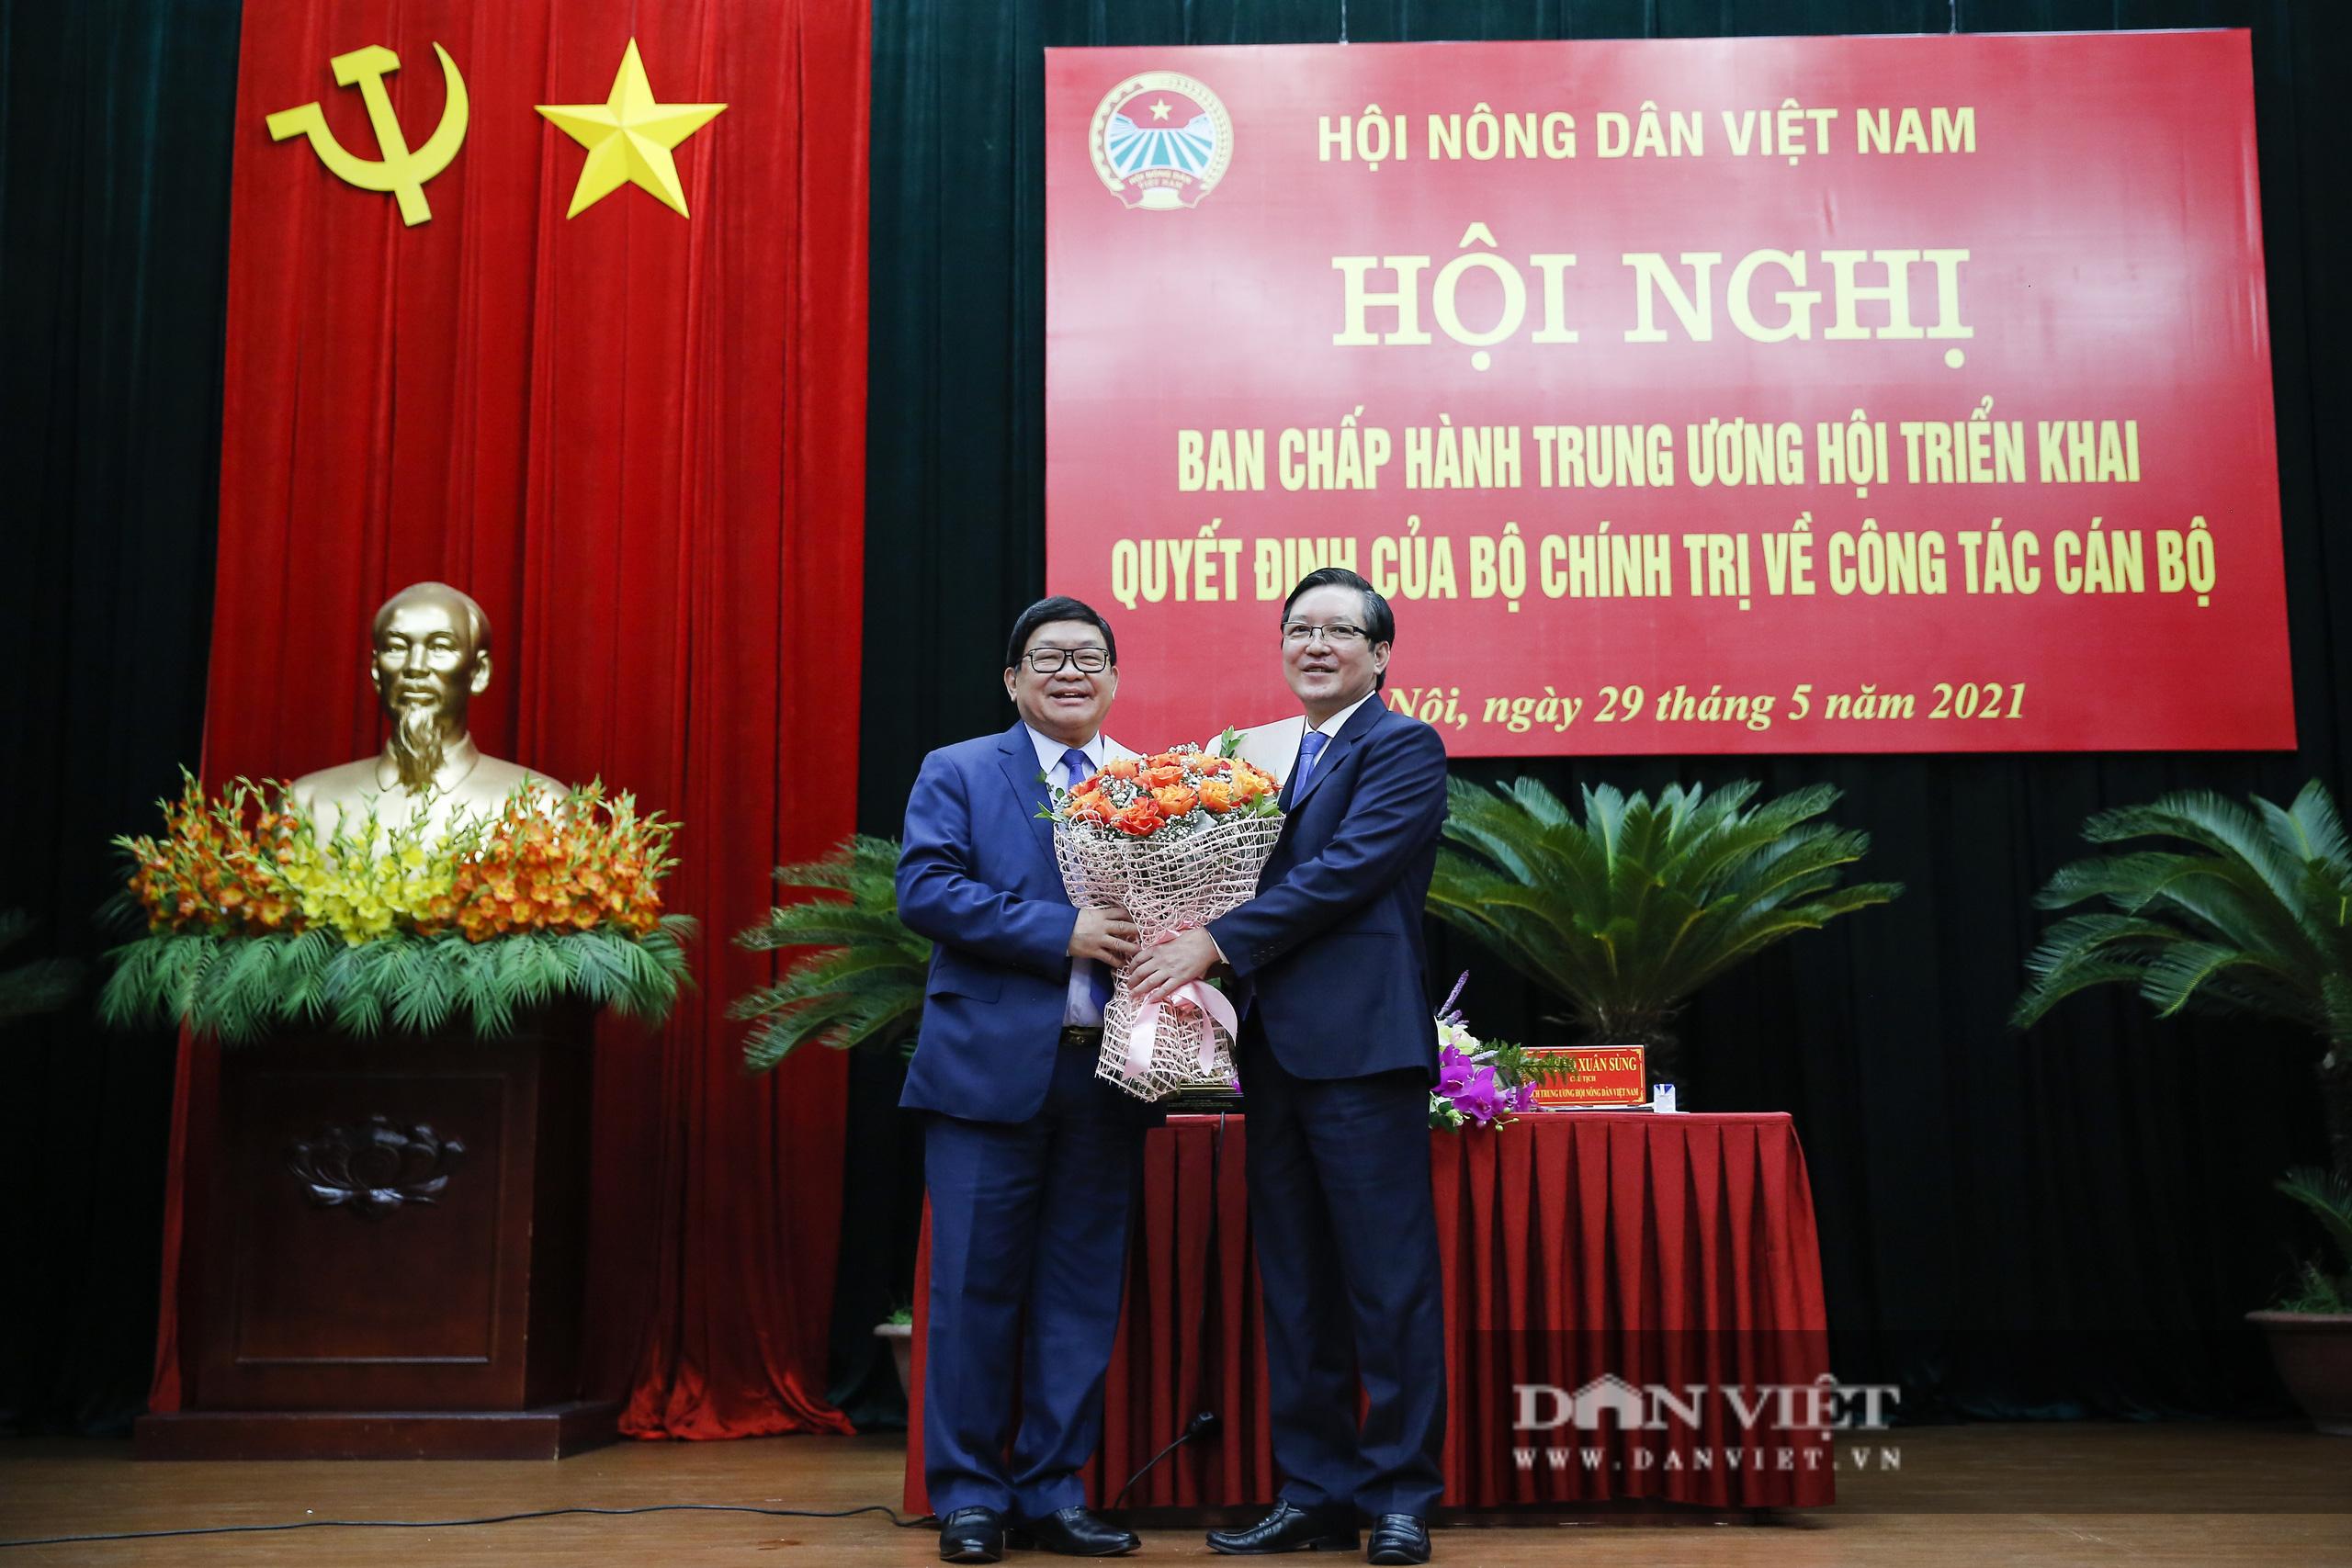 Ảnh: Hội nghị BCH TƯ Hội Nông dân Việt Nam triển khai quyết định của Bộ Chính trị về công tác cán bộ - Ảnh 16.